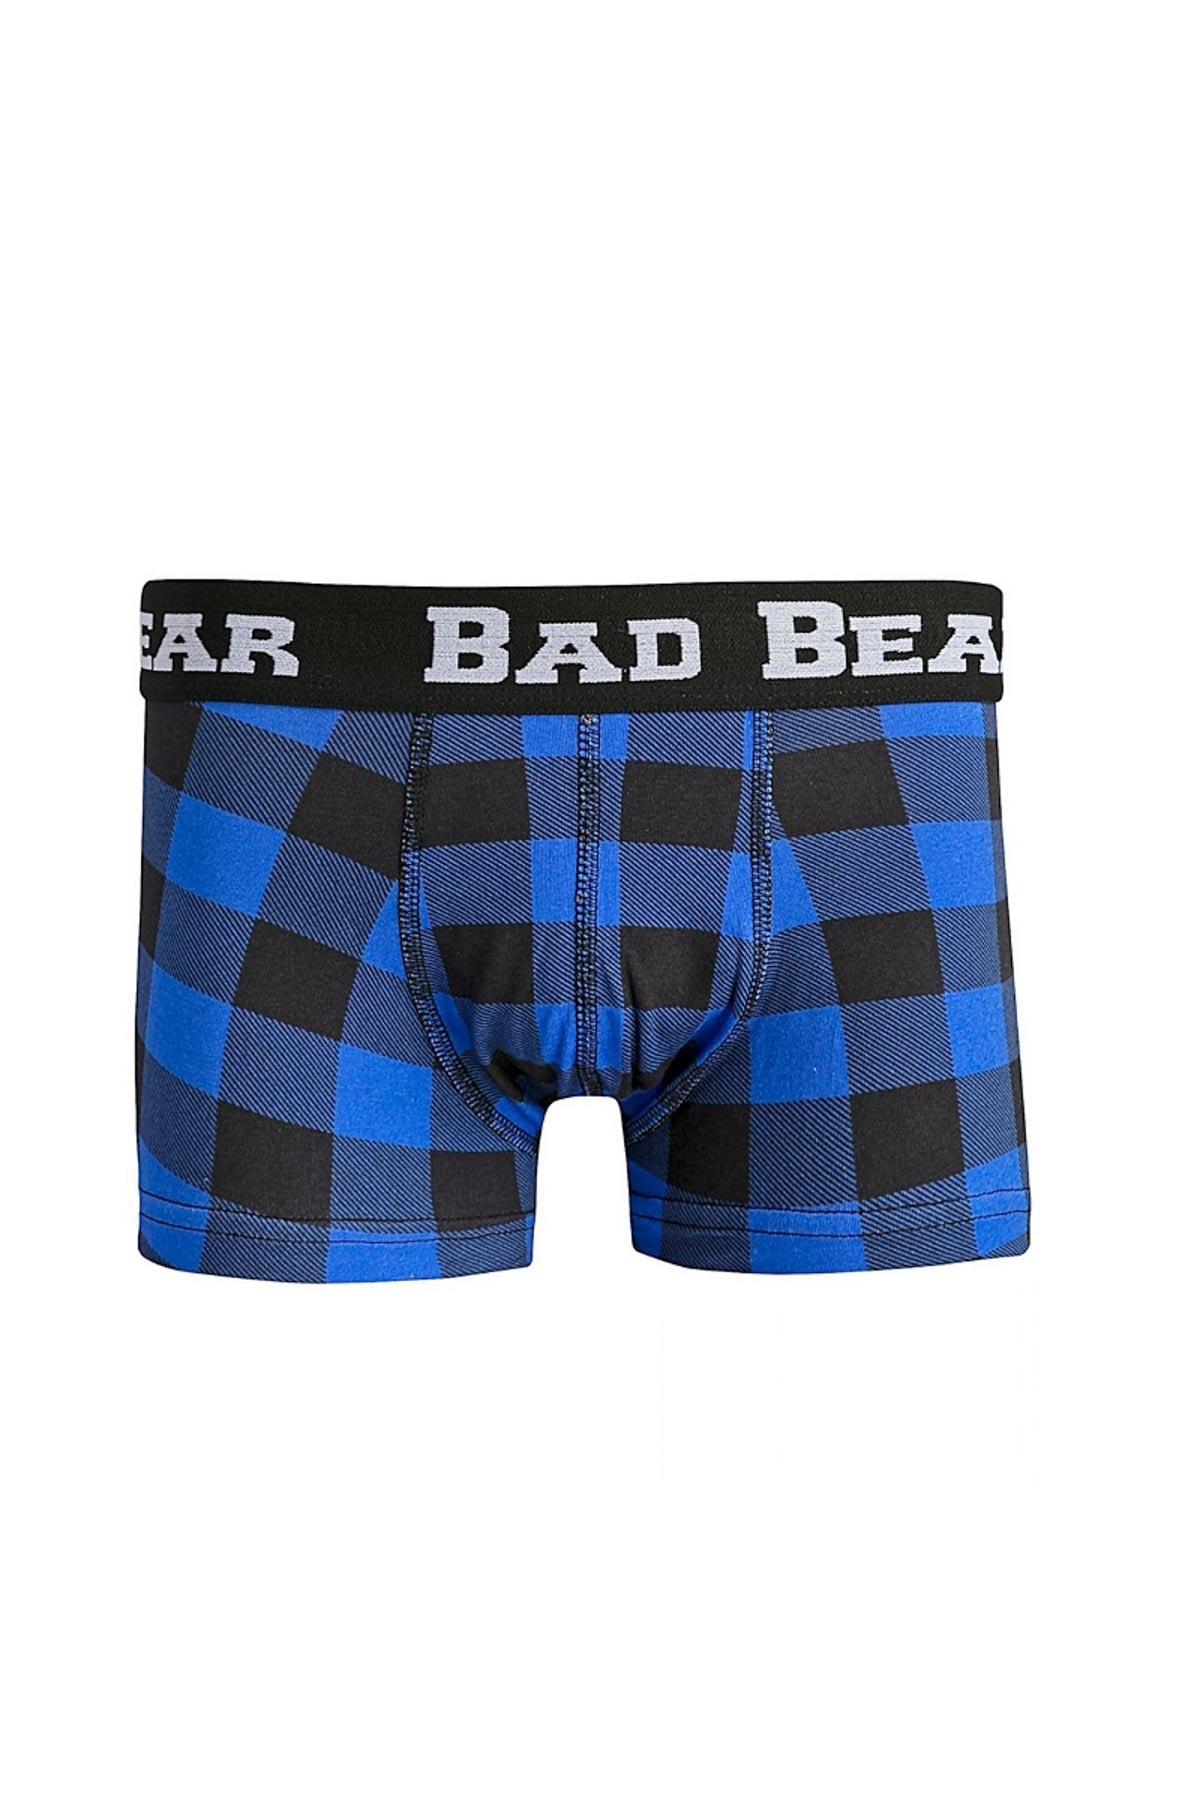 Bad Bear CHECKED NAVY 1